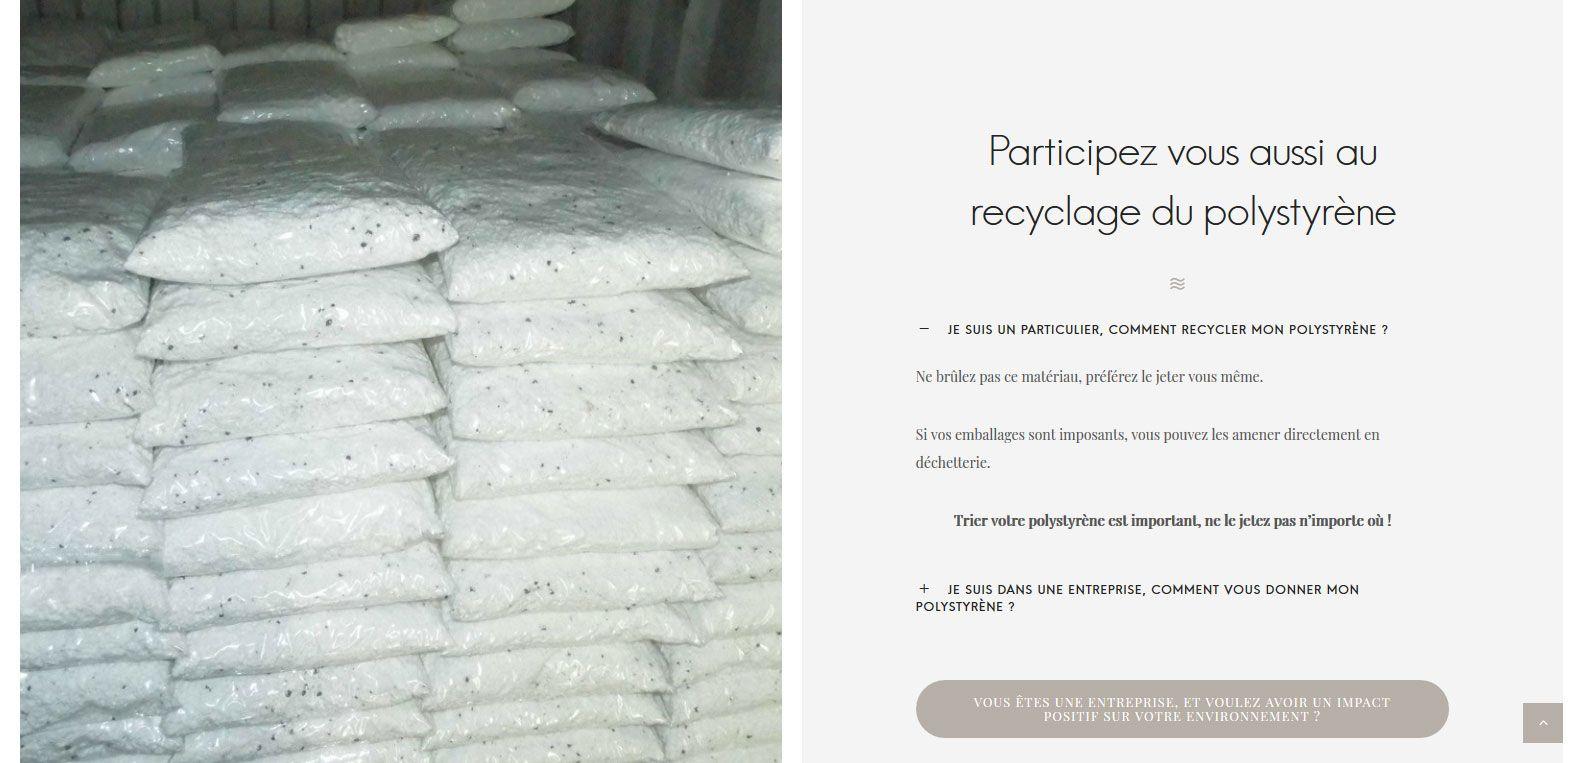 Participer au recyclage du polystyrène avec isolation guyane, client Karedess, agence web situé à Mulhouse